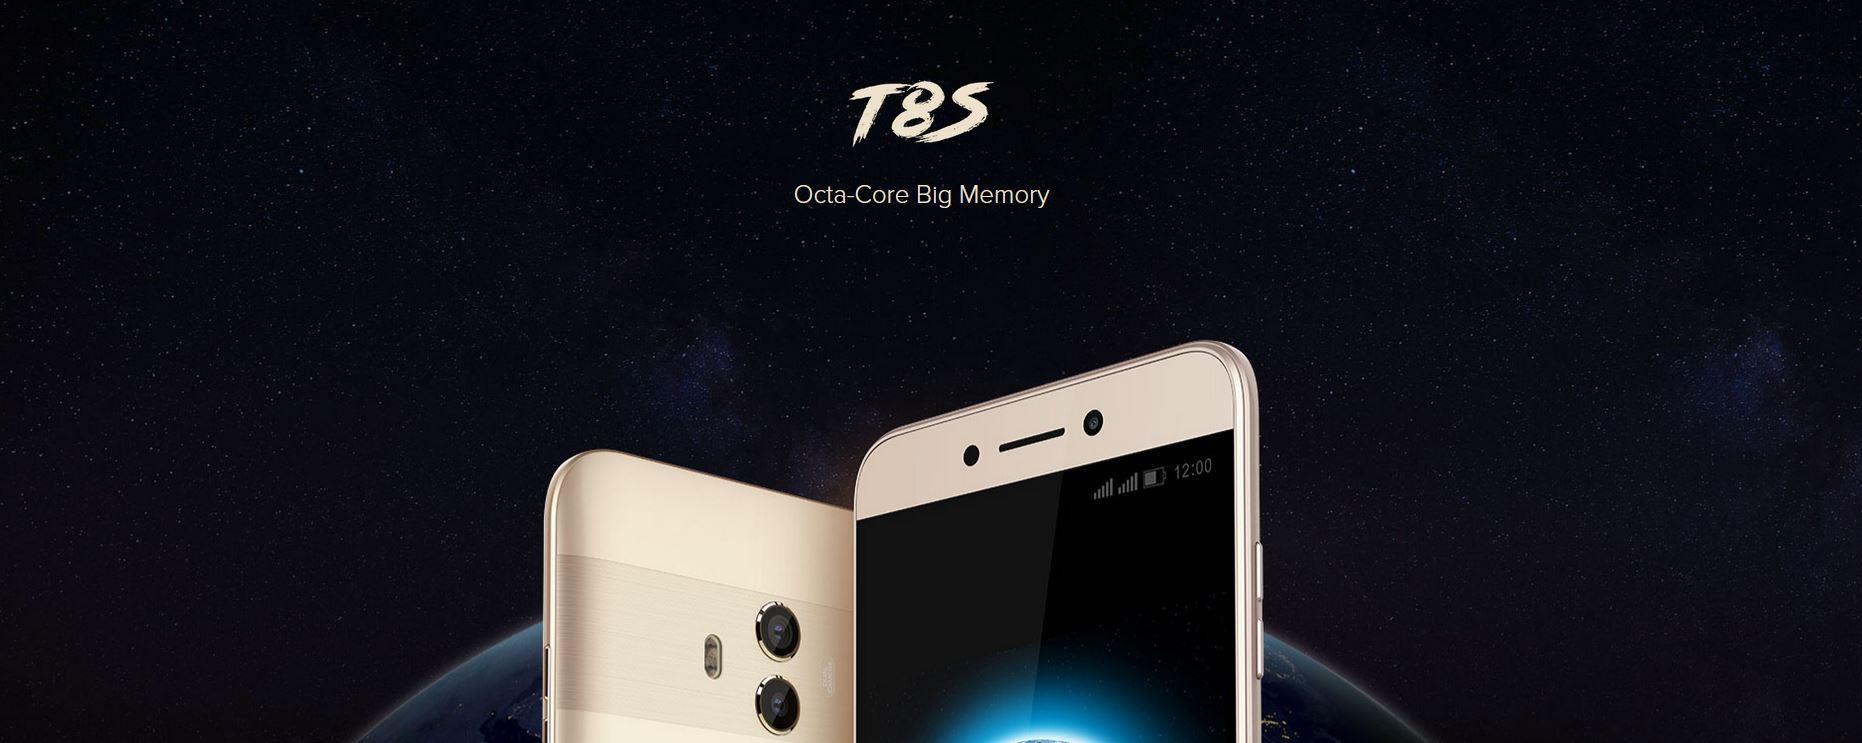 smartphone Leagoo T8S pas cher